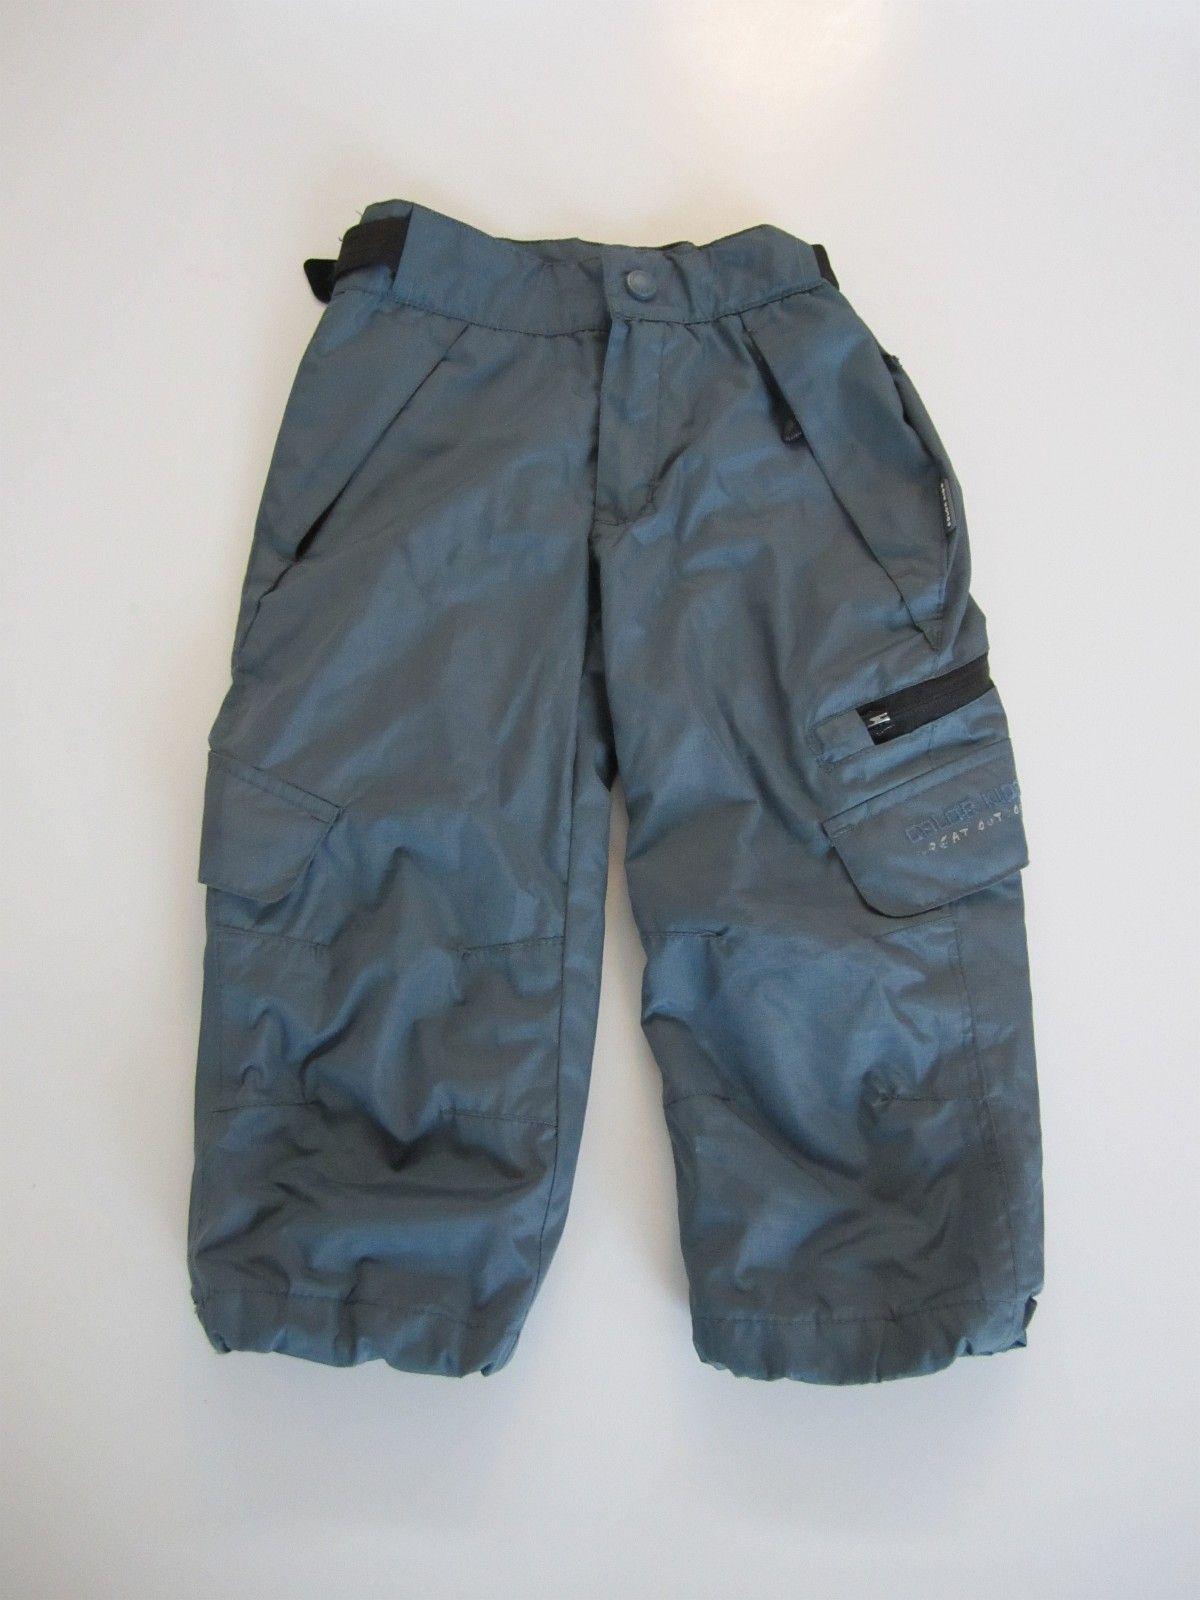 Tur/ute-bukse fra Color Kids strl 92-98 - Søreidgrend  - Super bukse til vår- eller høstbruk. Nettingfór inni buksen. Strl. 92-98. - Søreidgrend